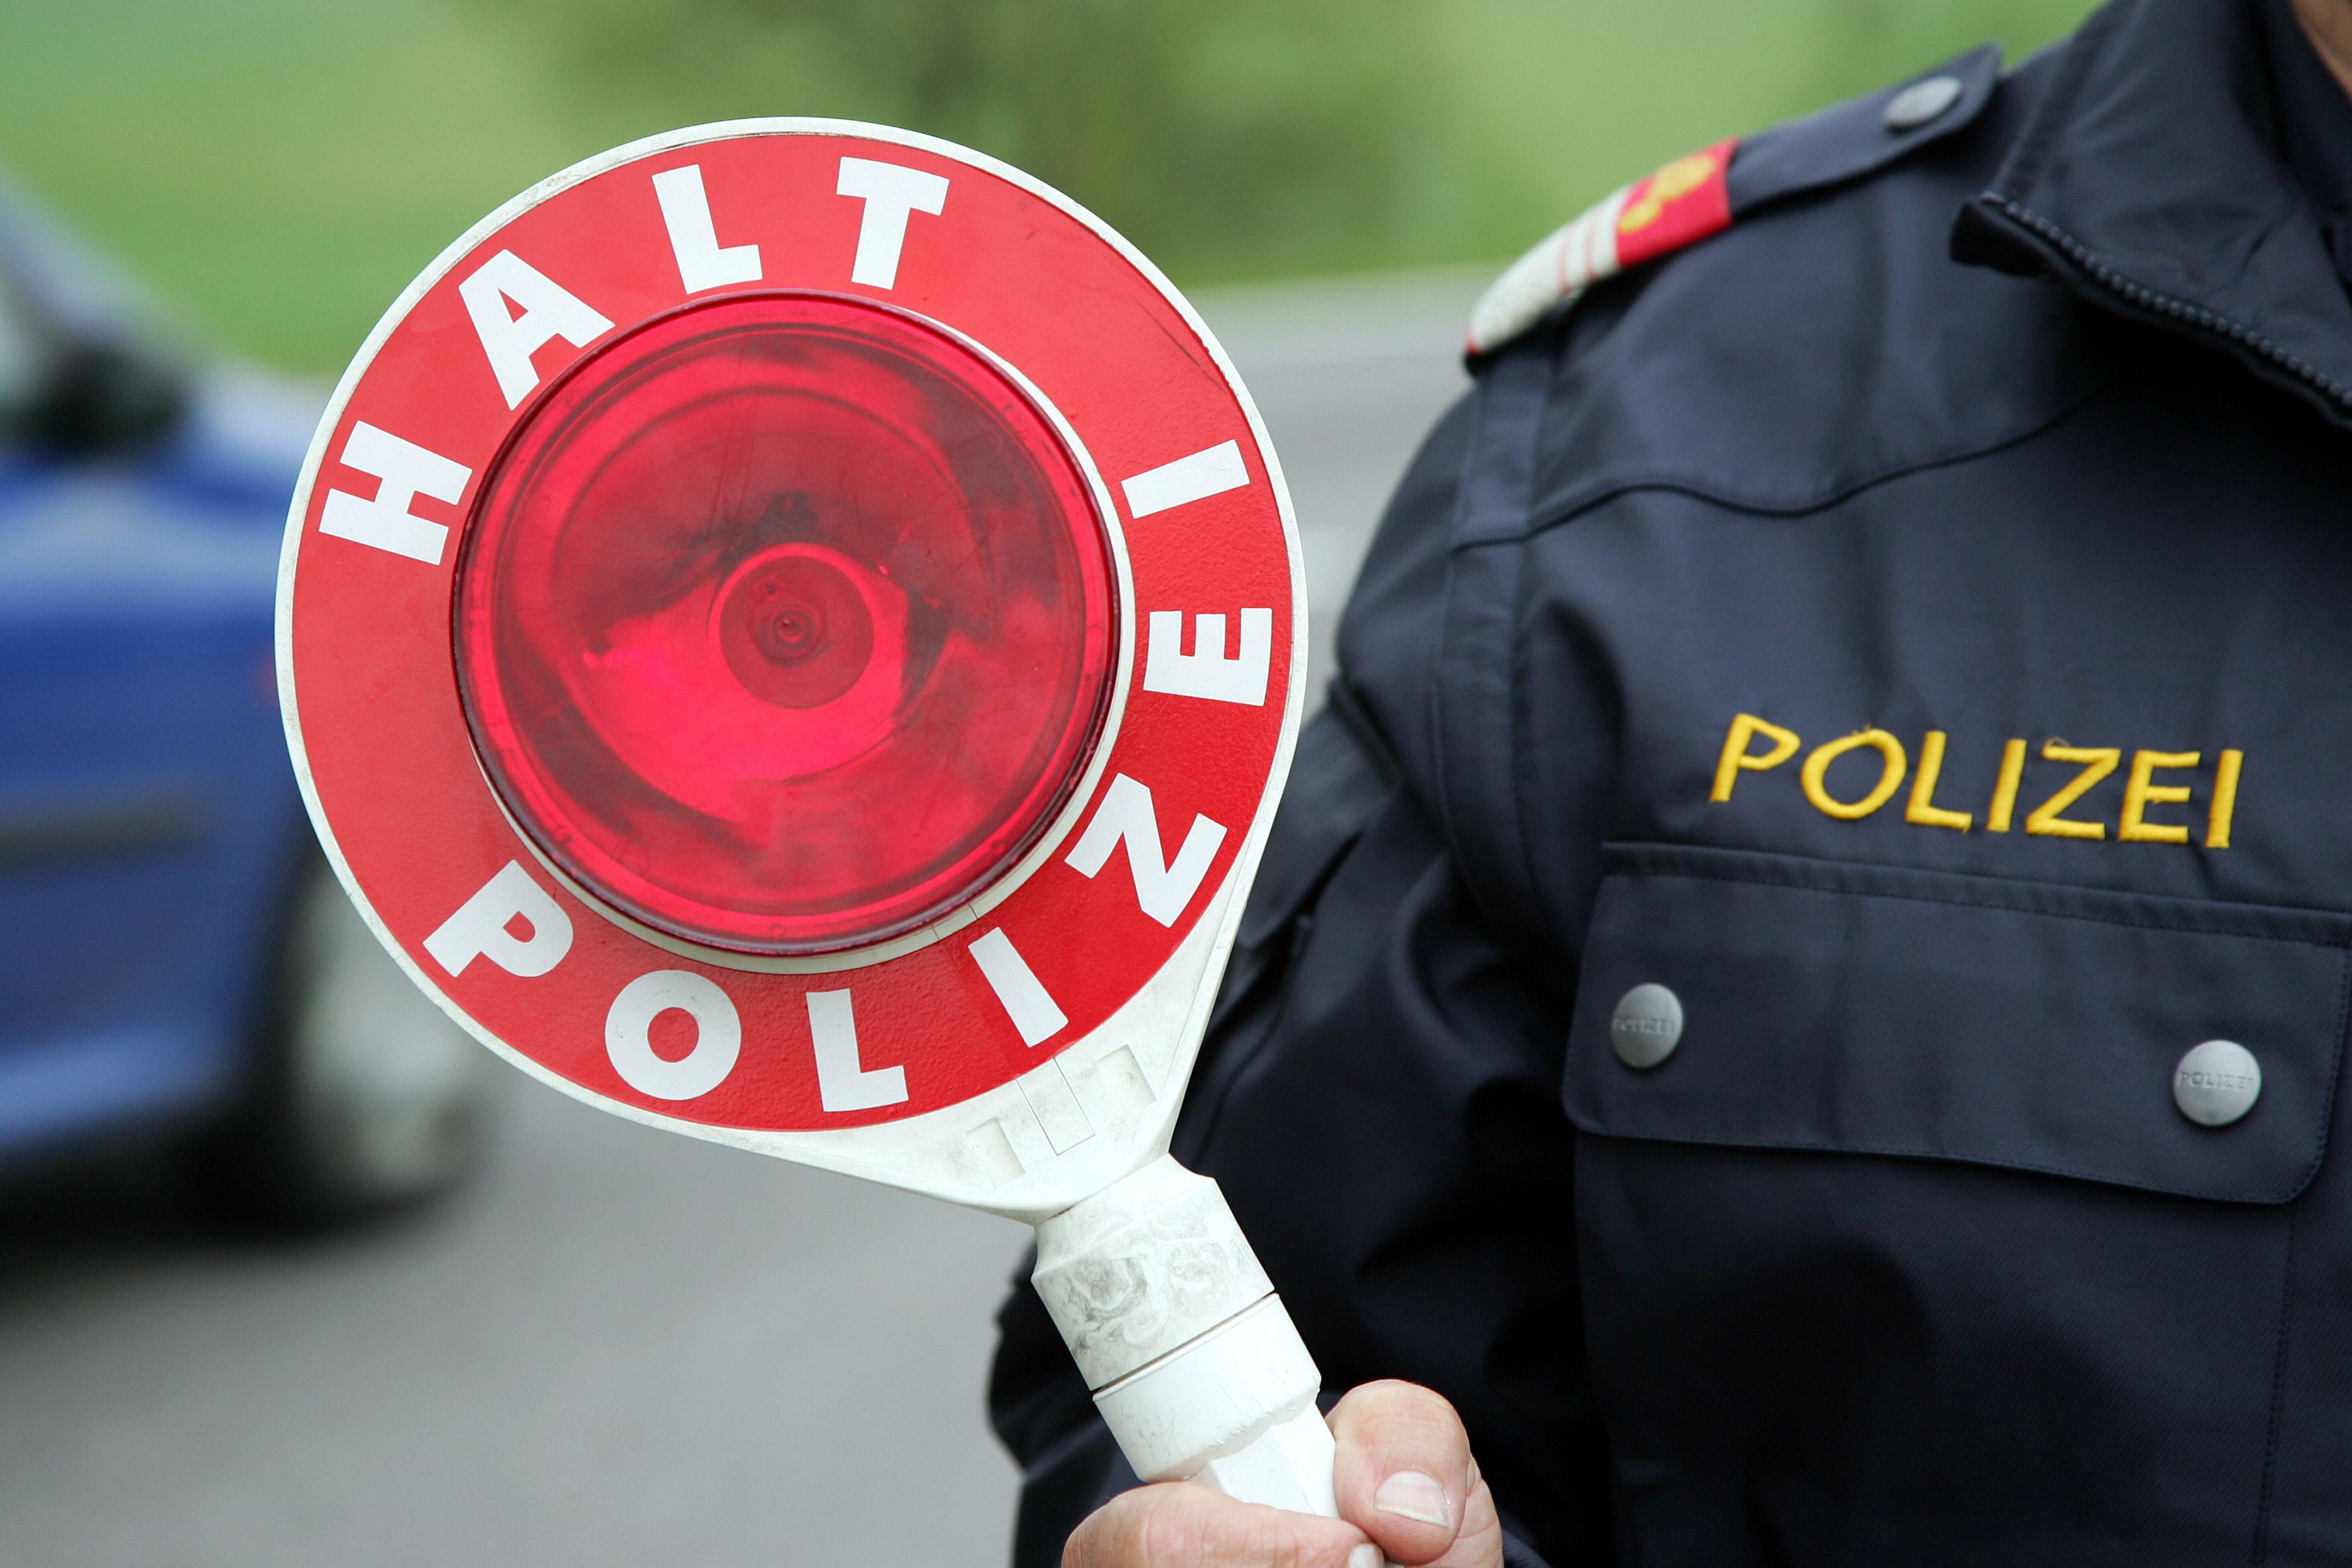 Pkw-Lenker lieferte sich in Vorarlberg Verfolgungsjagd mit Polizei